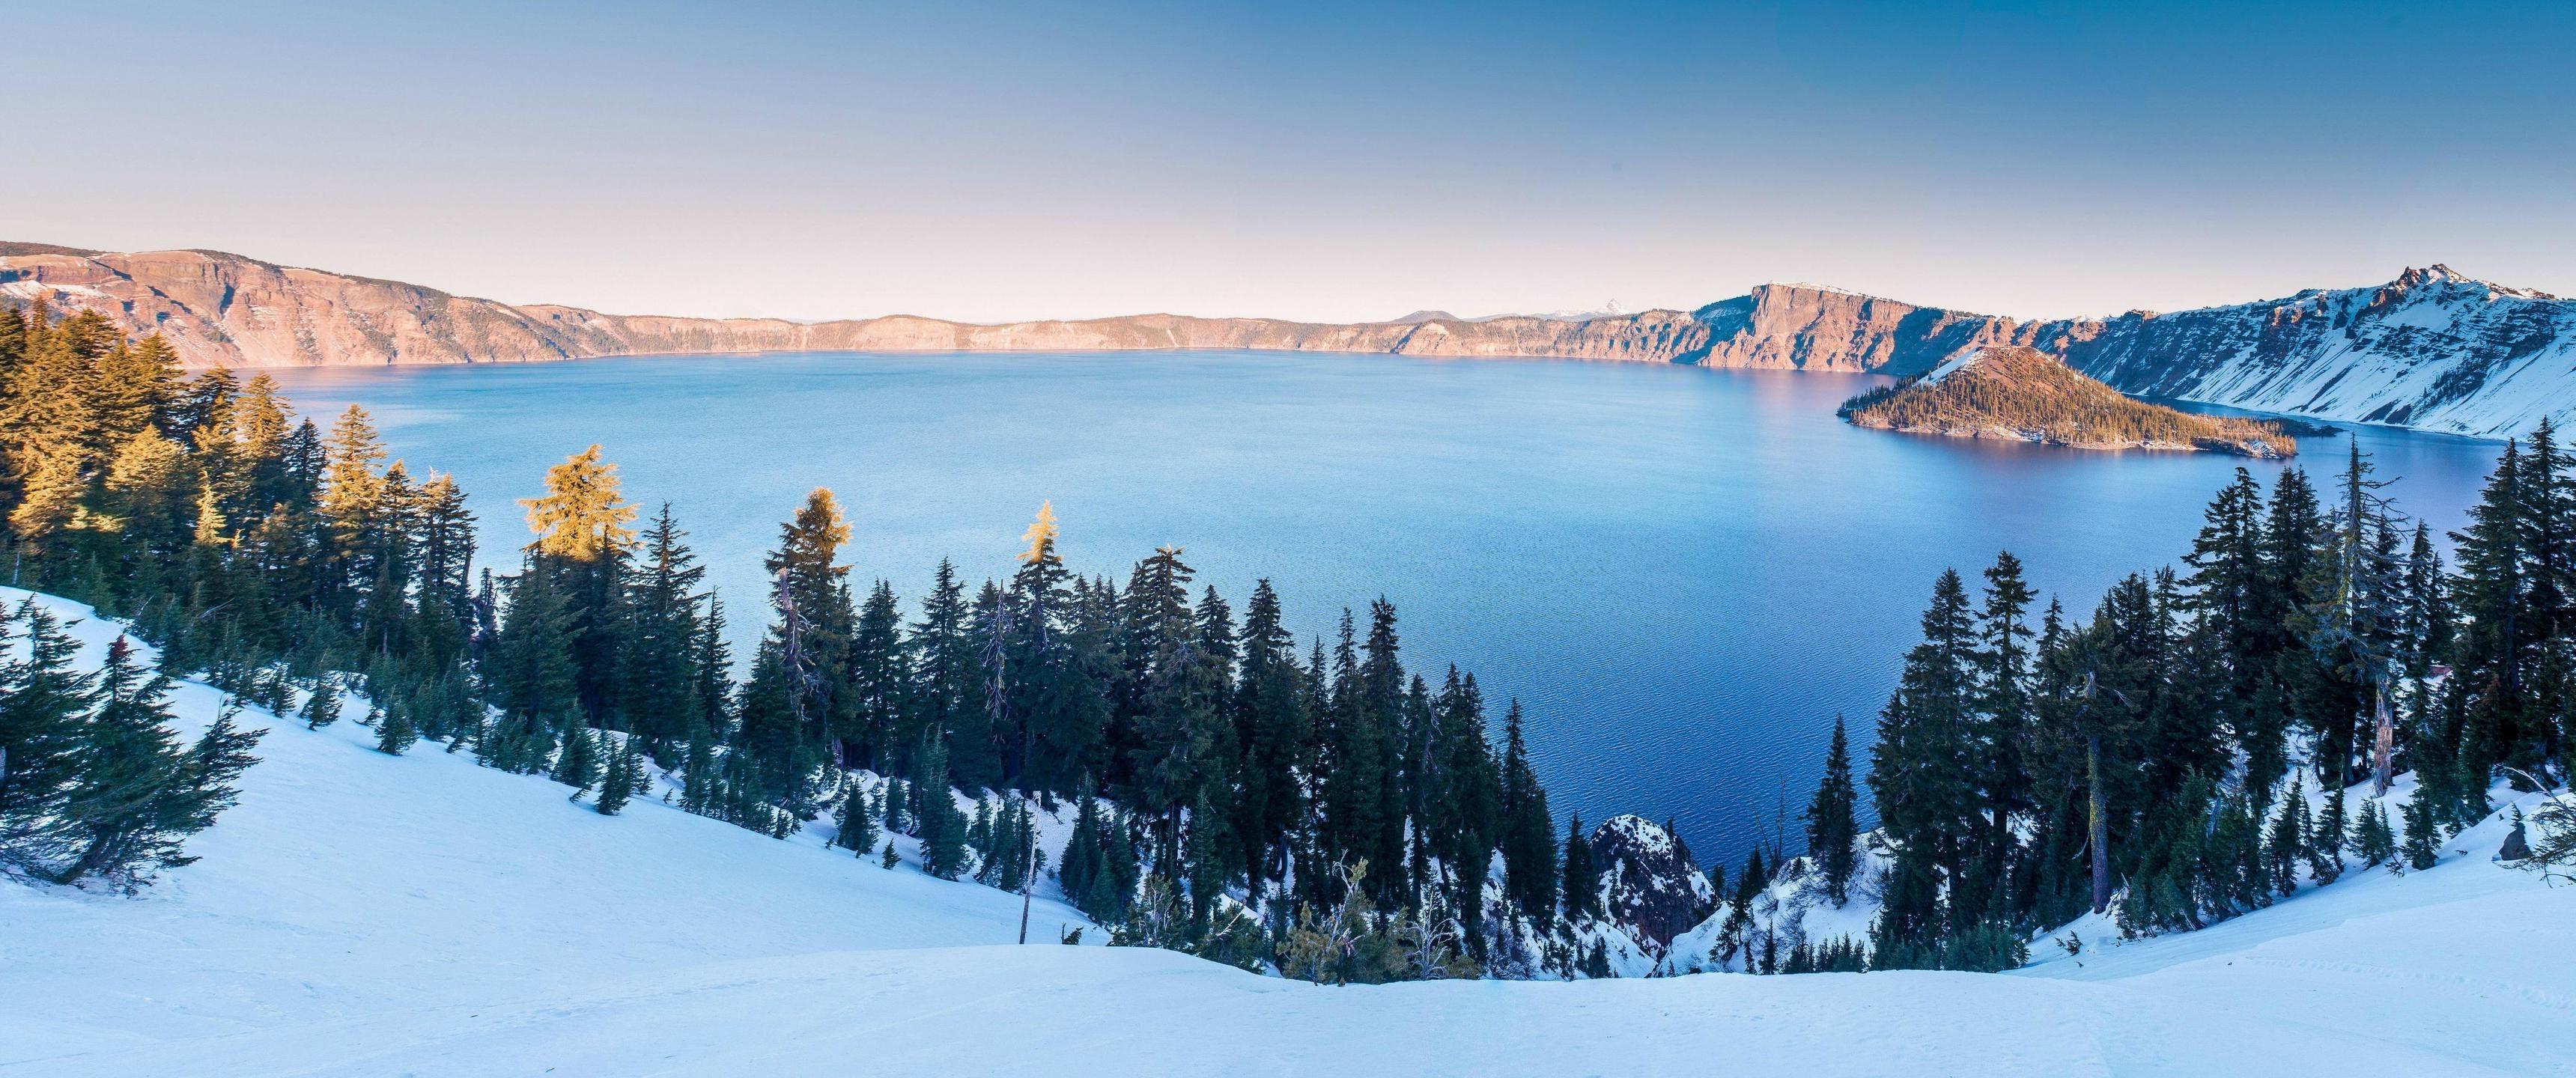 Fond d'écran : paysage, neige, hiver, Alpes, Lac cratère, Montagne, saison, 3440x1440 px, Relief ...